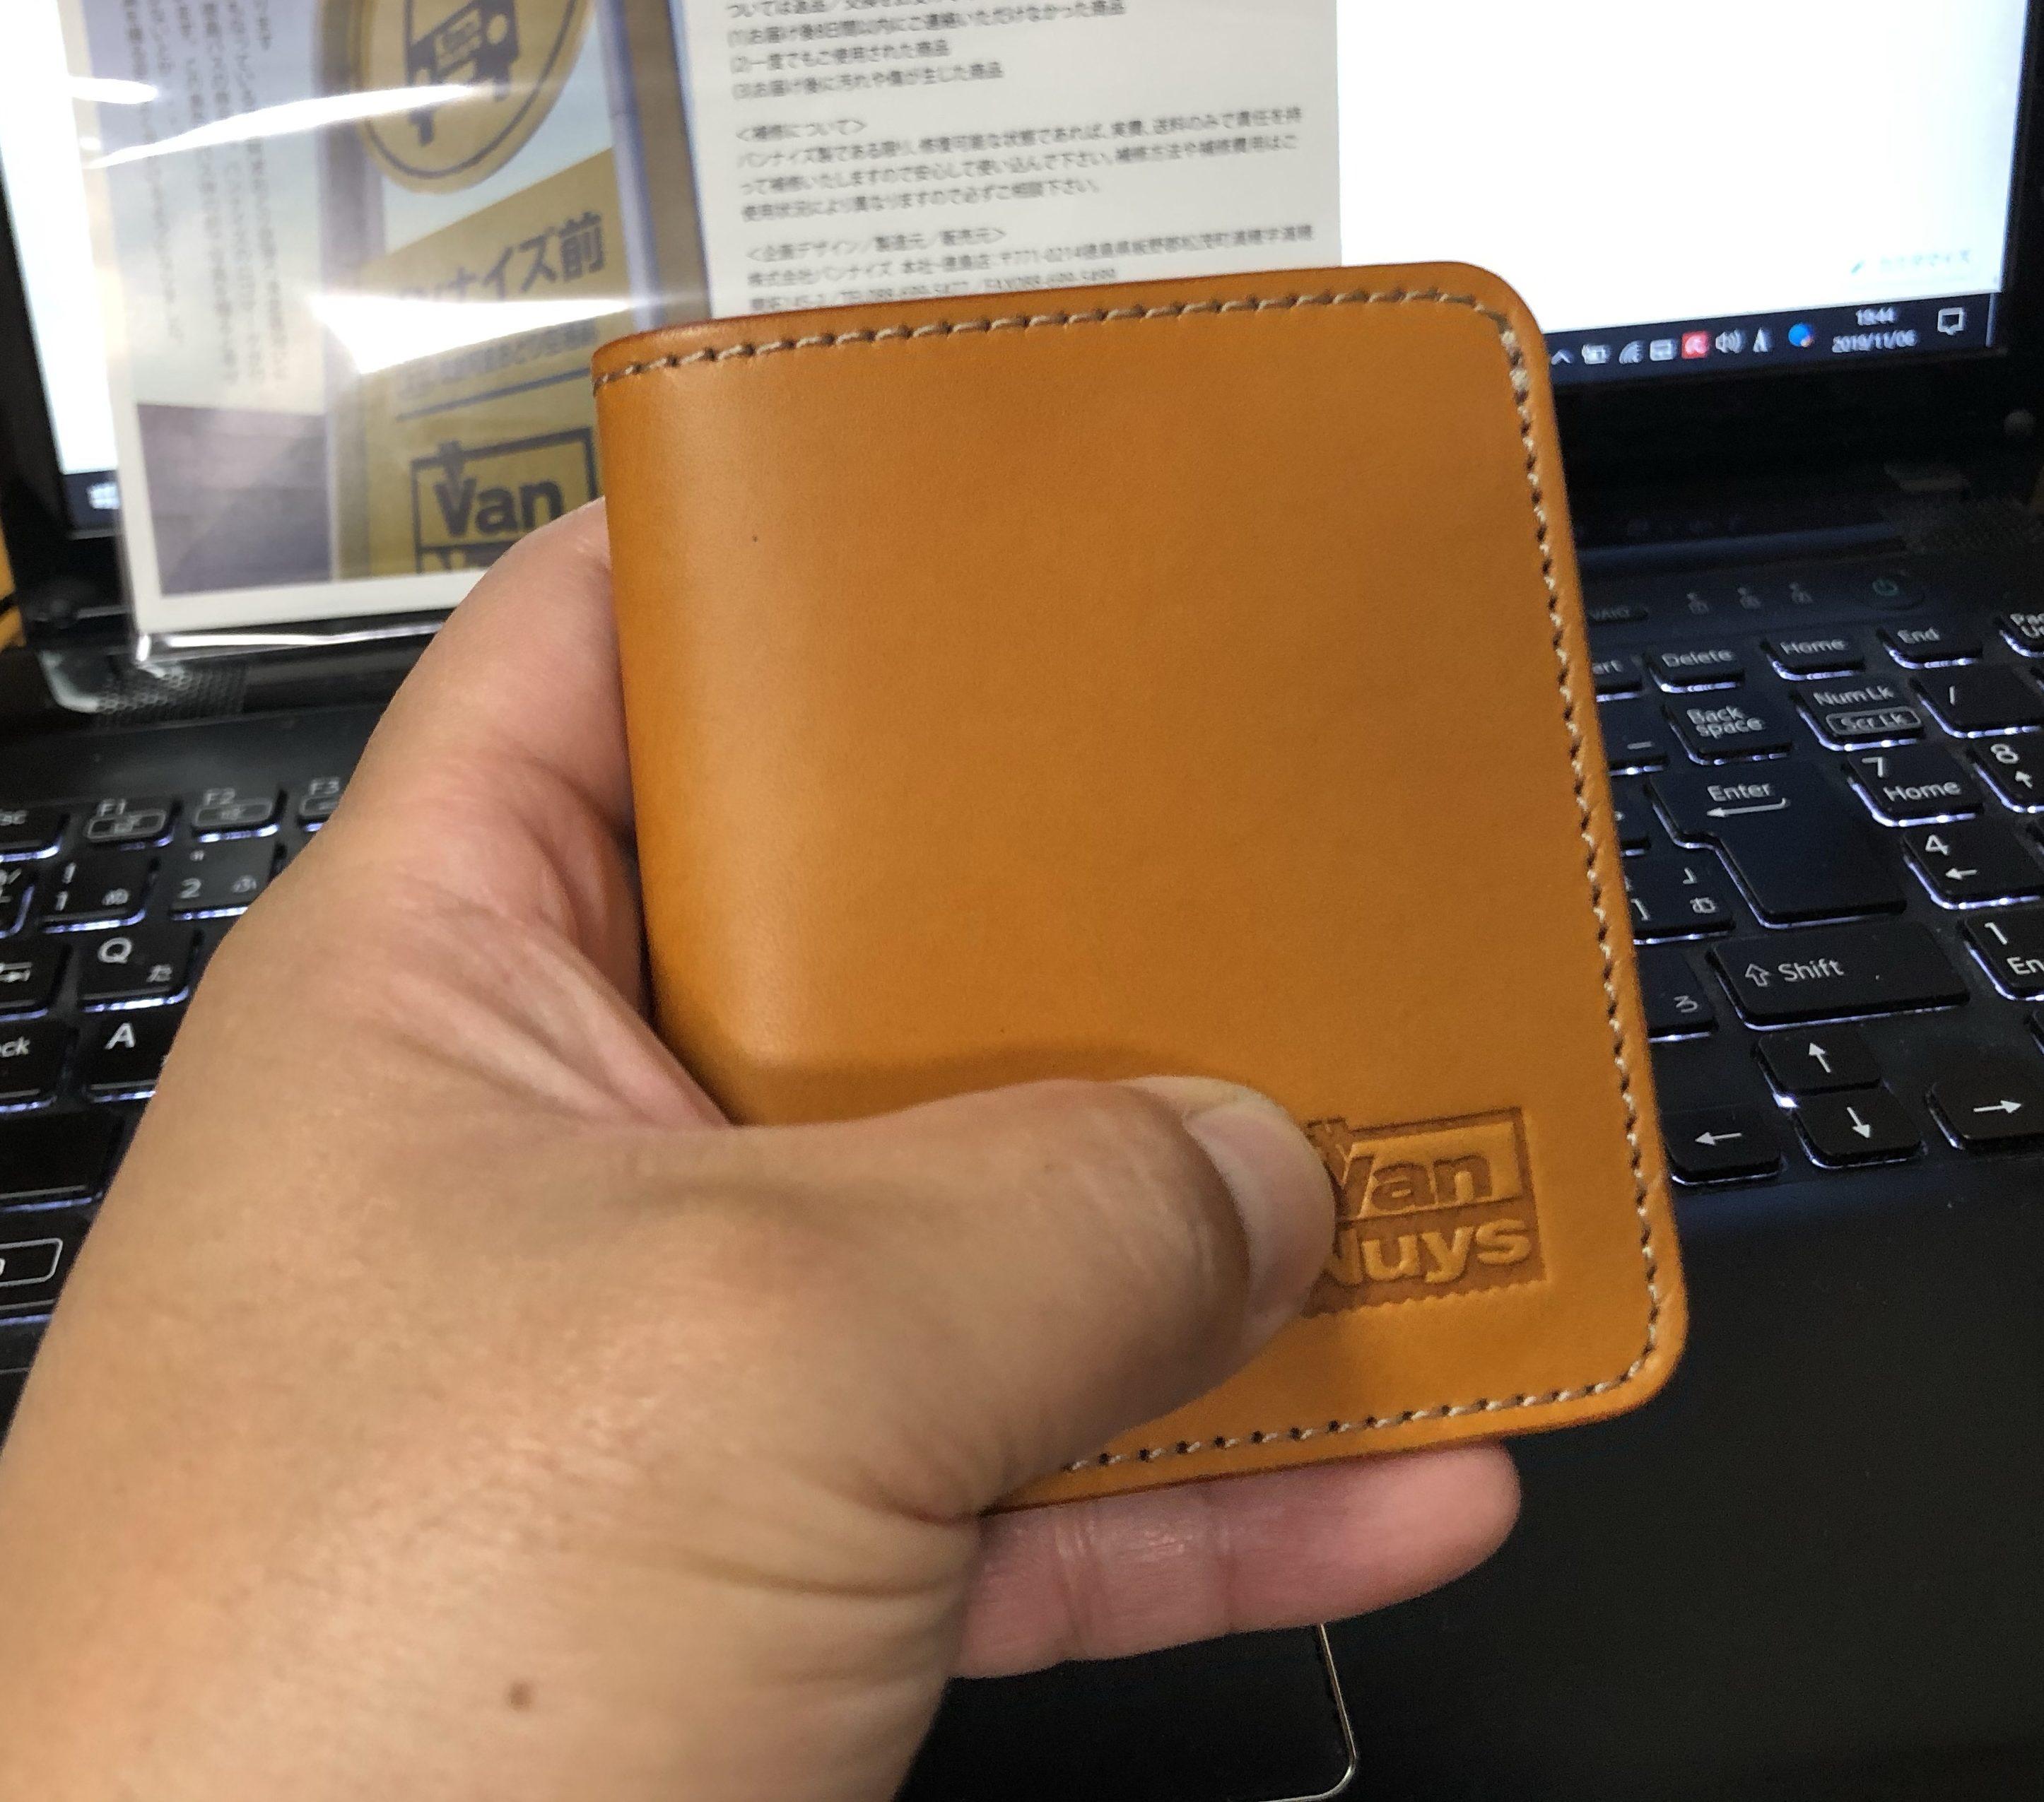 徳島ブランドのキャッシュレスに最適な財布が到着!!レビュー◎